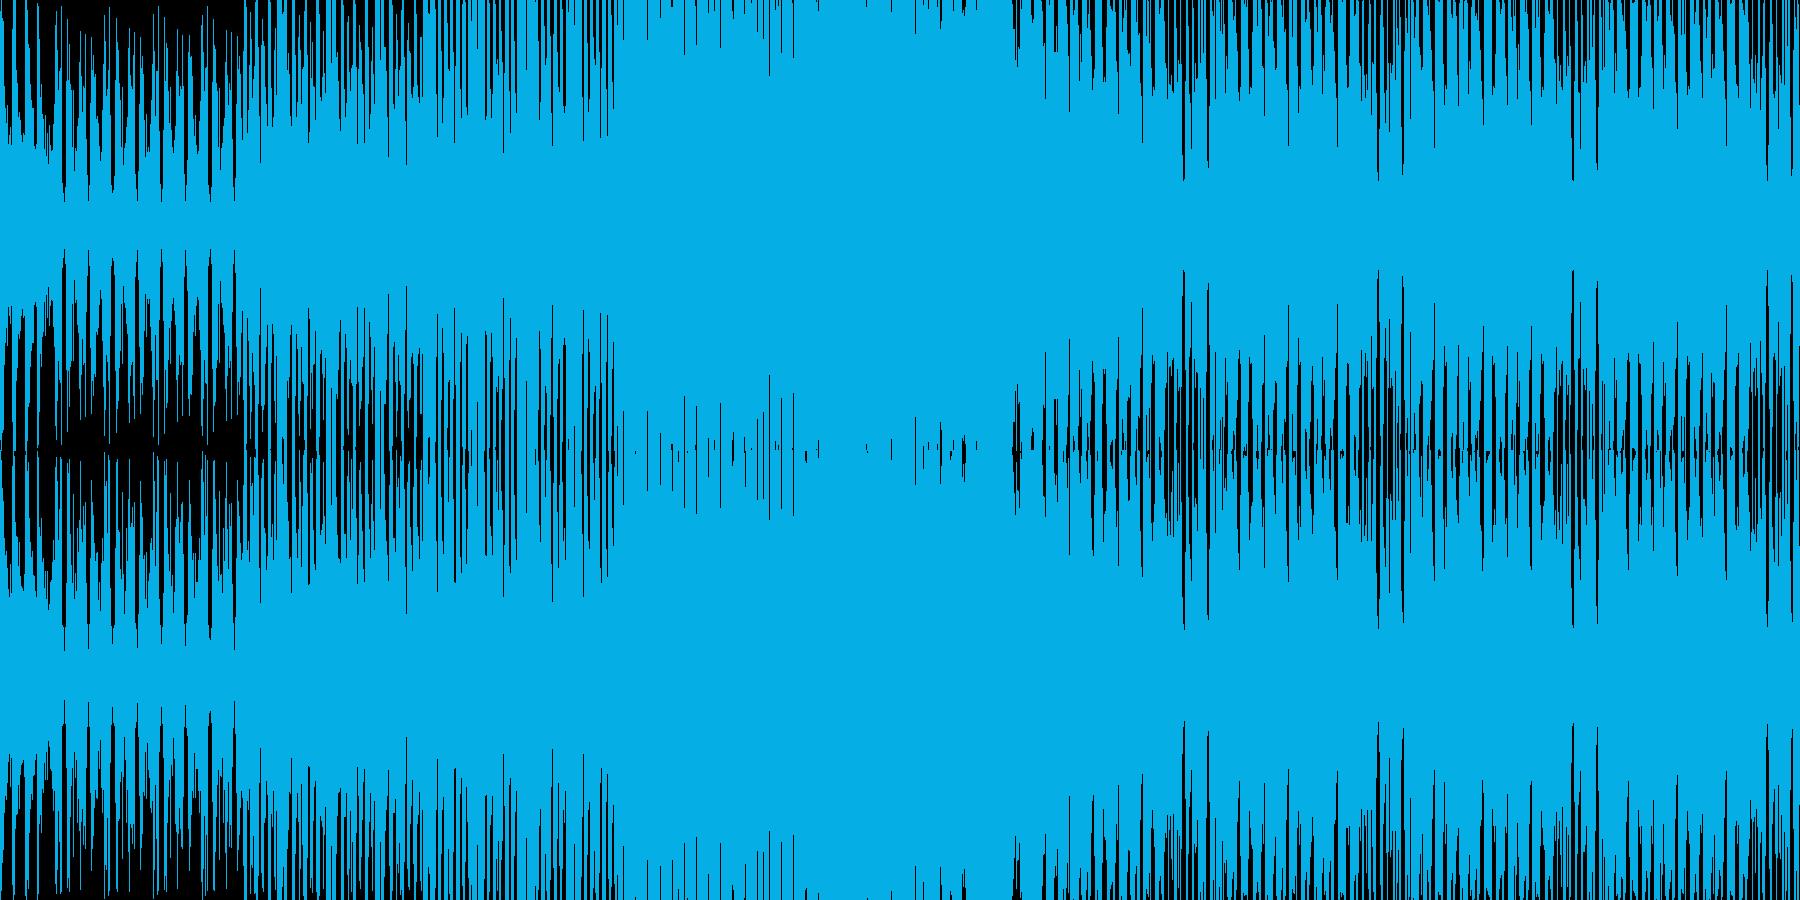 【可愛くてポップなダンスミュージック】の再生済みの波形